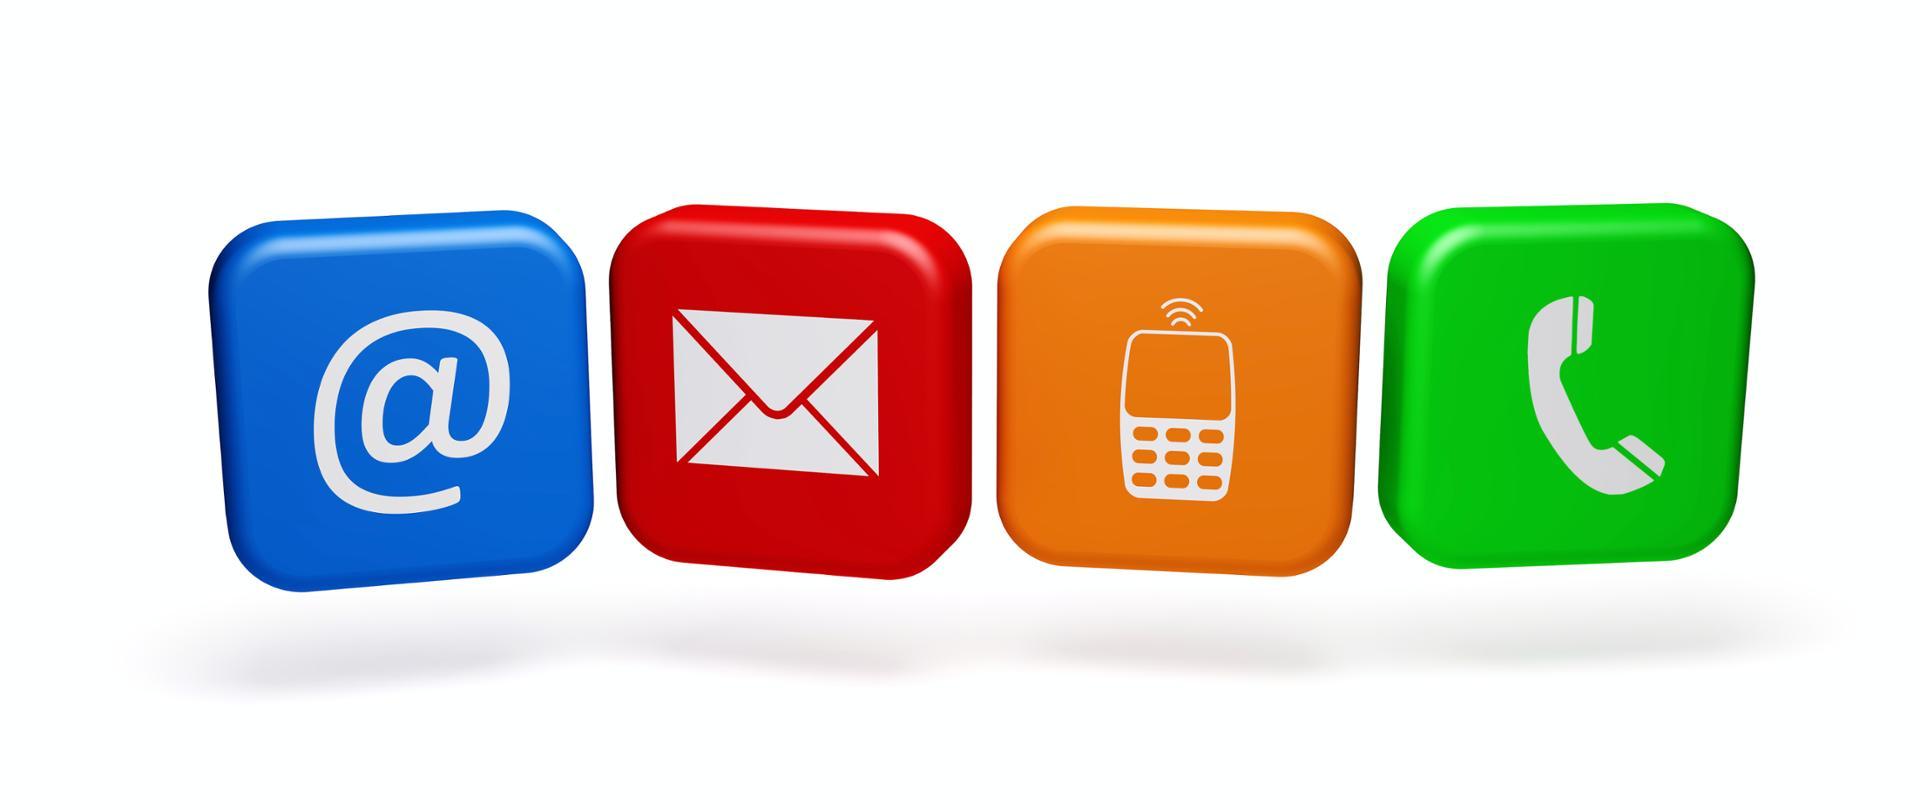 Różnokolorowe kwadraty na których jest widać słuchawkę telefonu, telefon komórkowy, kopertę i małpkę (znak pisarski wykorzystywany do oznaczenia poczty elektronicznej)